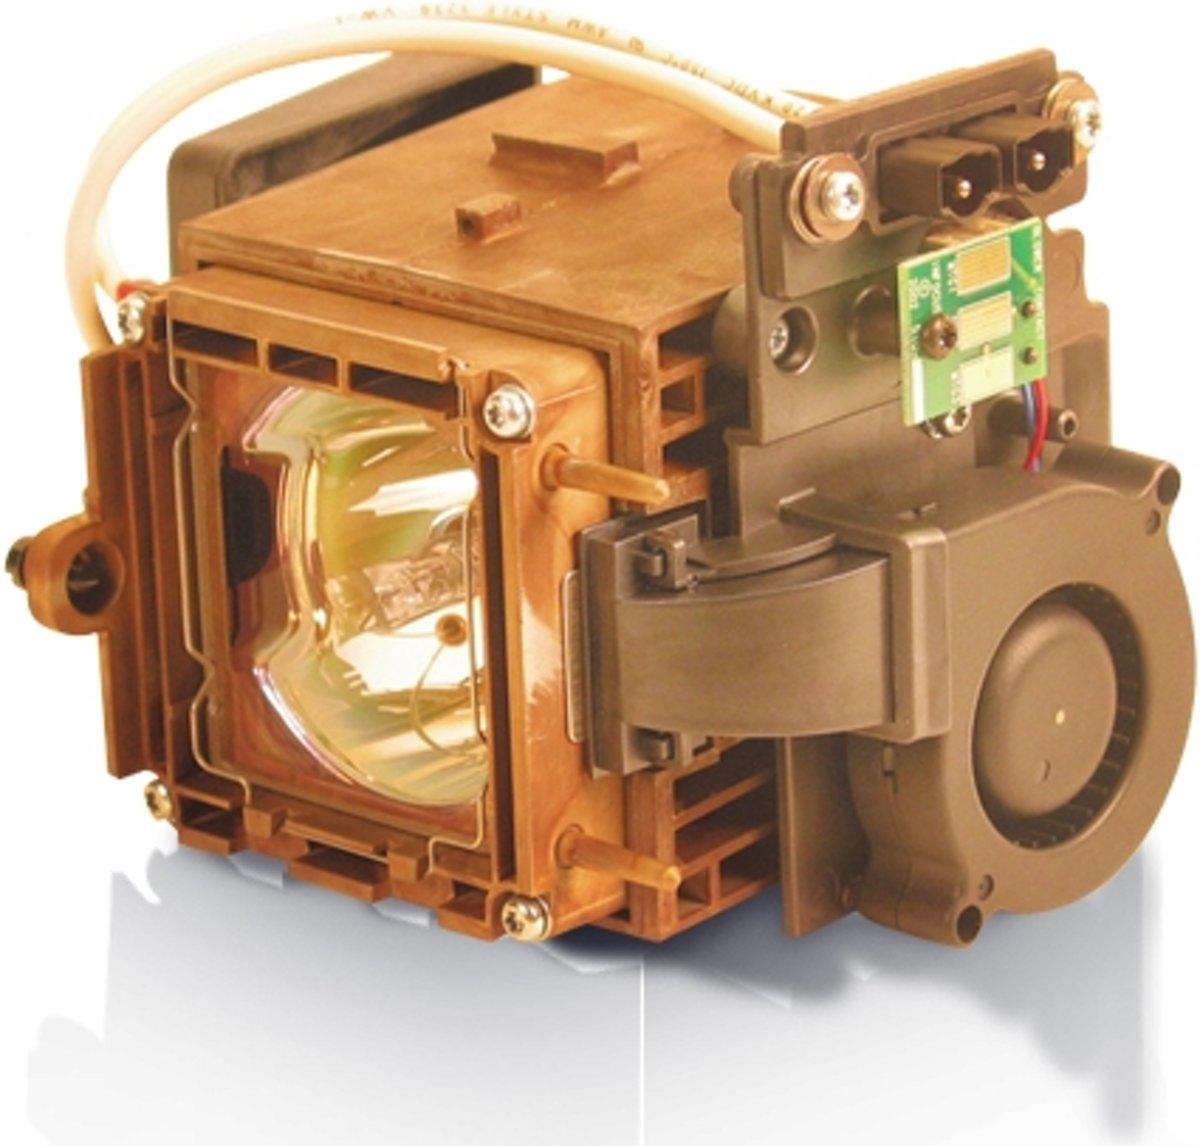 Infocus Beamerlamp voor TD61, SP61MD10, SP50MD10 kopen